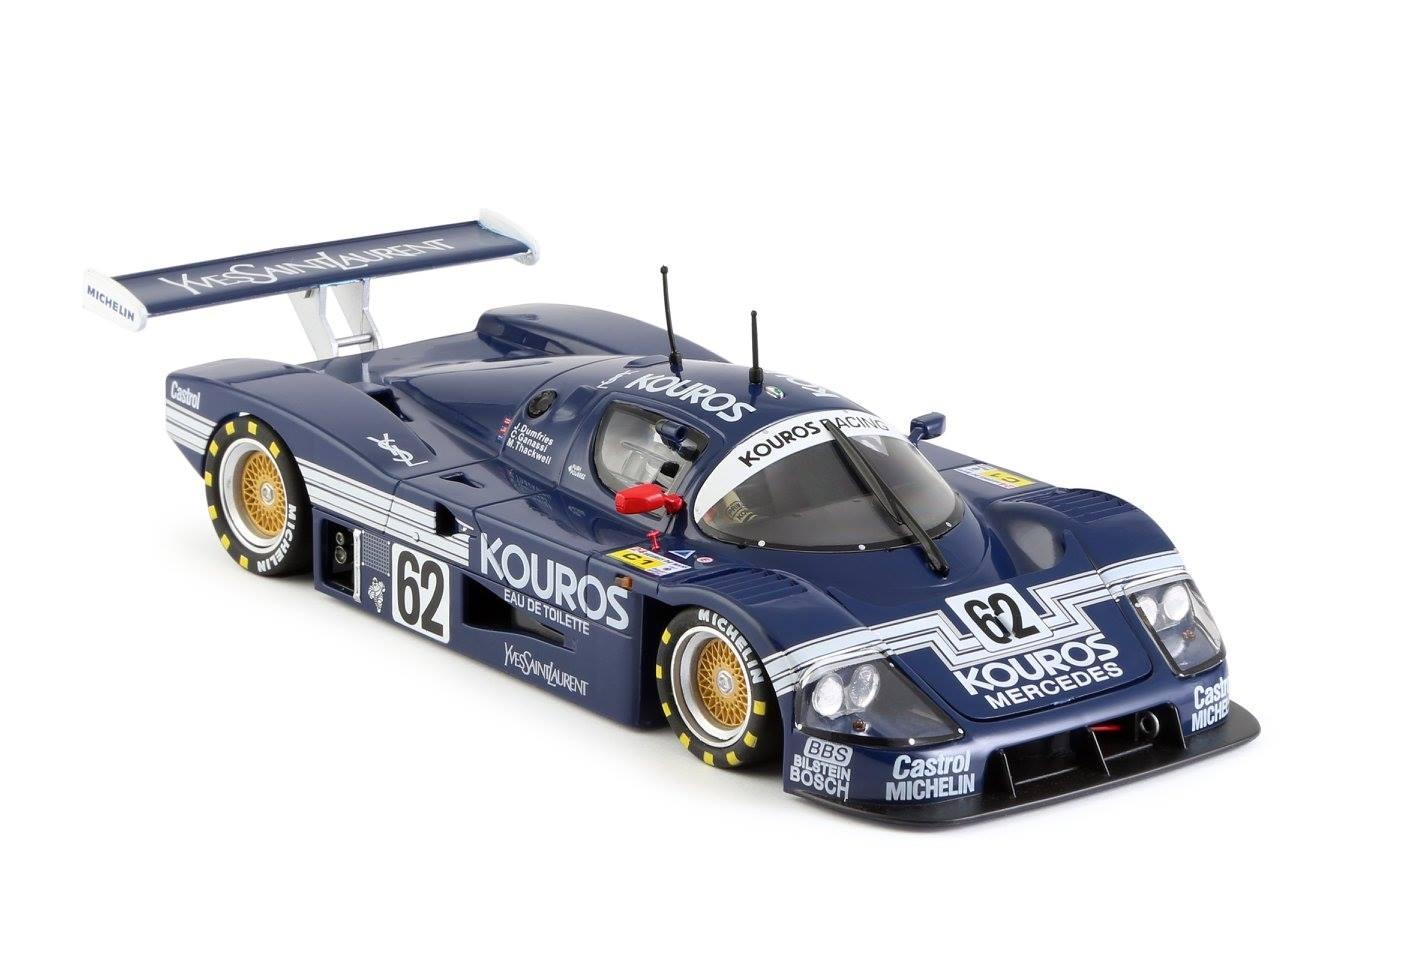 Slot it: la Sauber-Mercedes C9 Kouros #62 24h Le Mans 1987